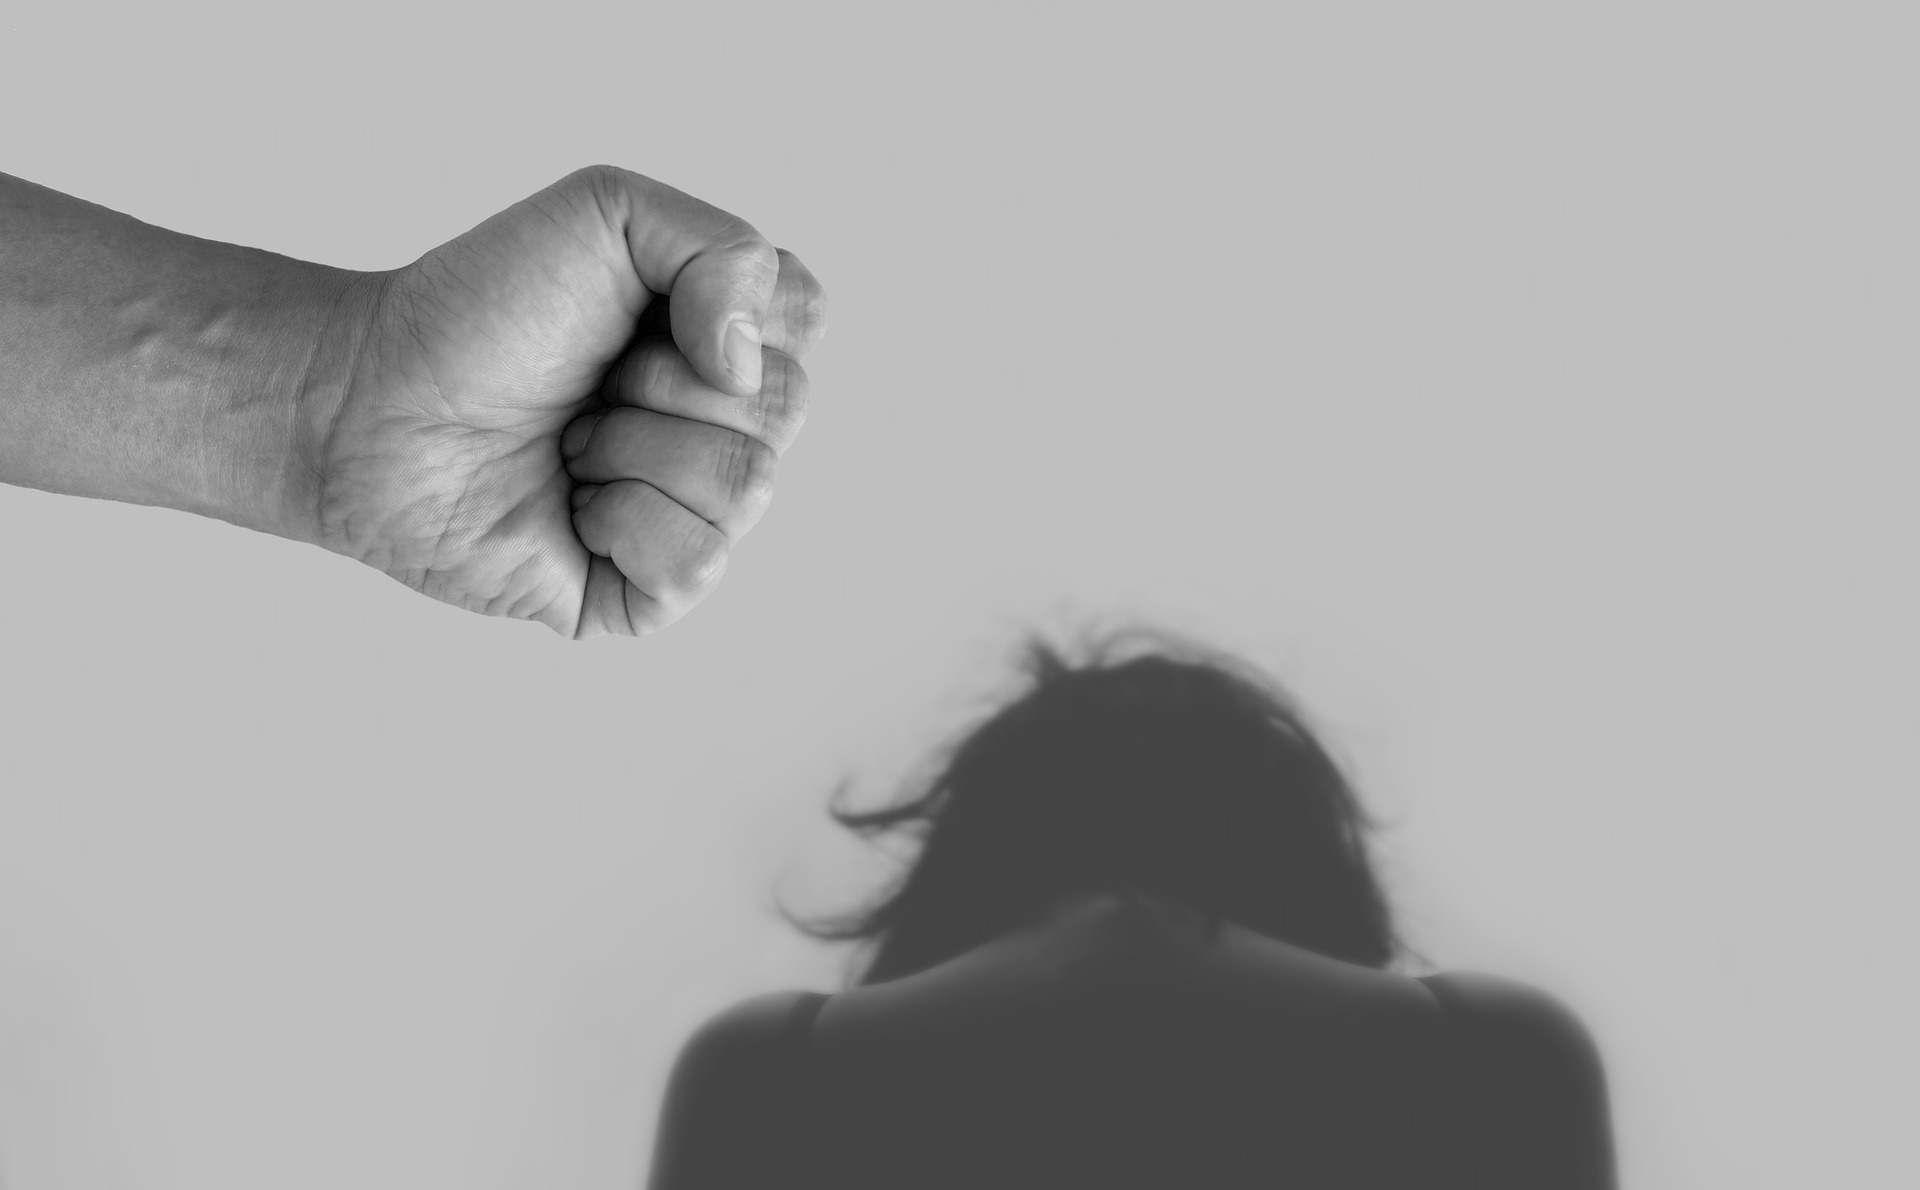 Zawalcz o siebie i rodzinę – terapia dla osób stosujących przemoc